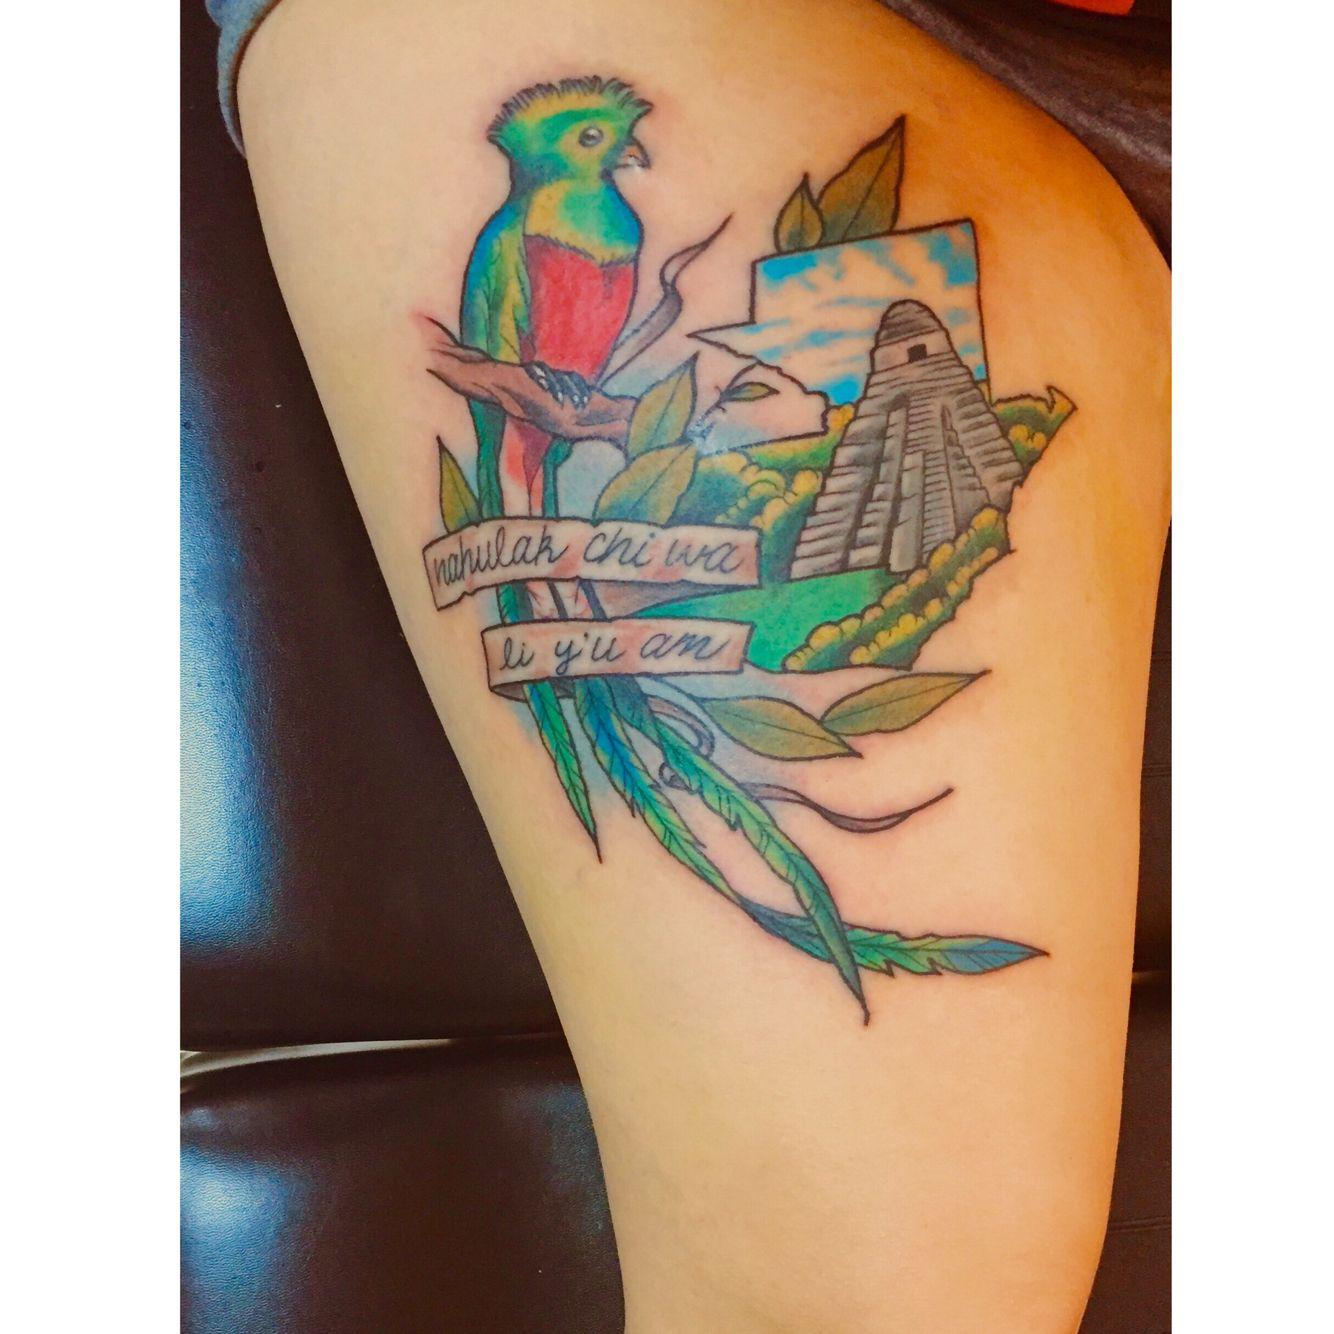 Guatemala tattoo #tattoo #ink #Guatemala #quetzal #flag # ...